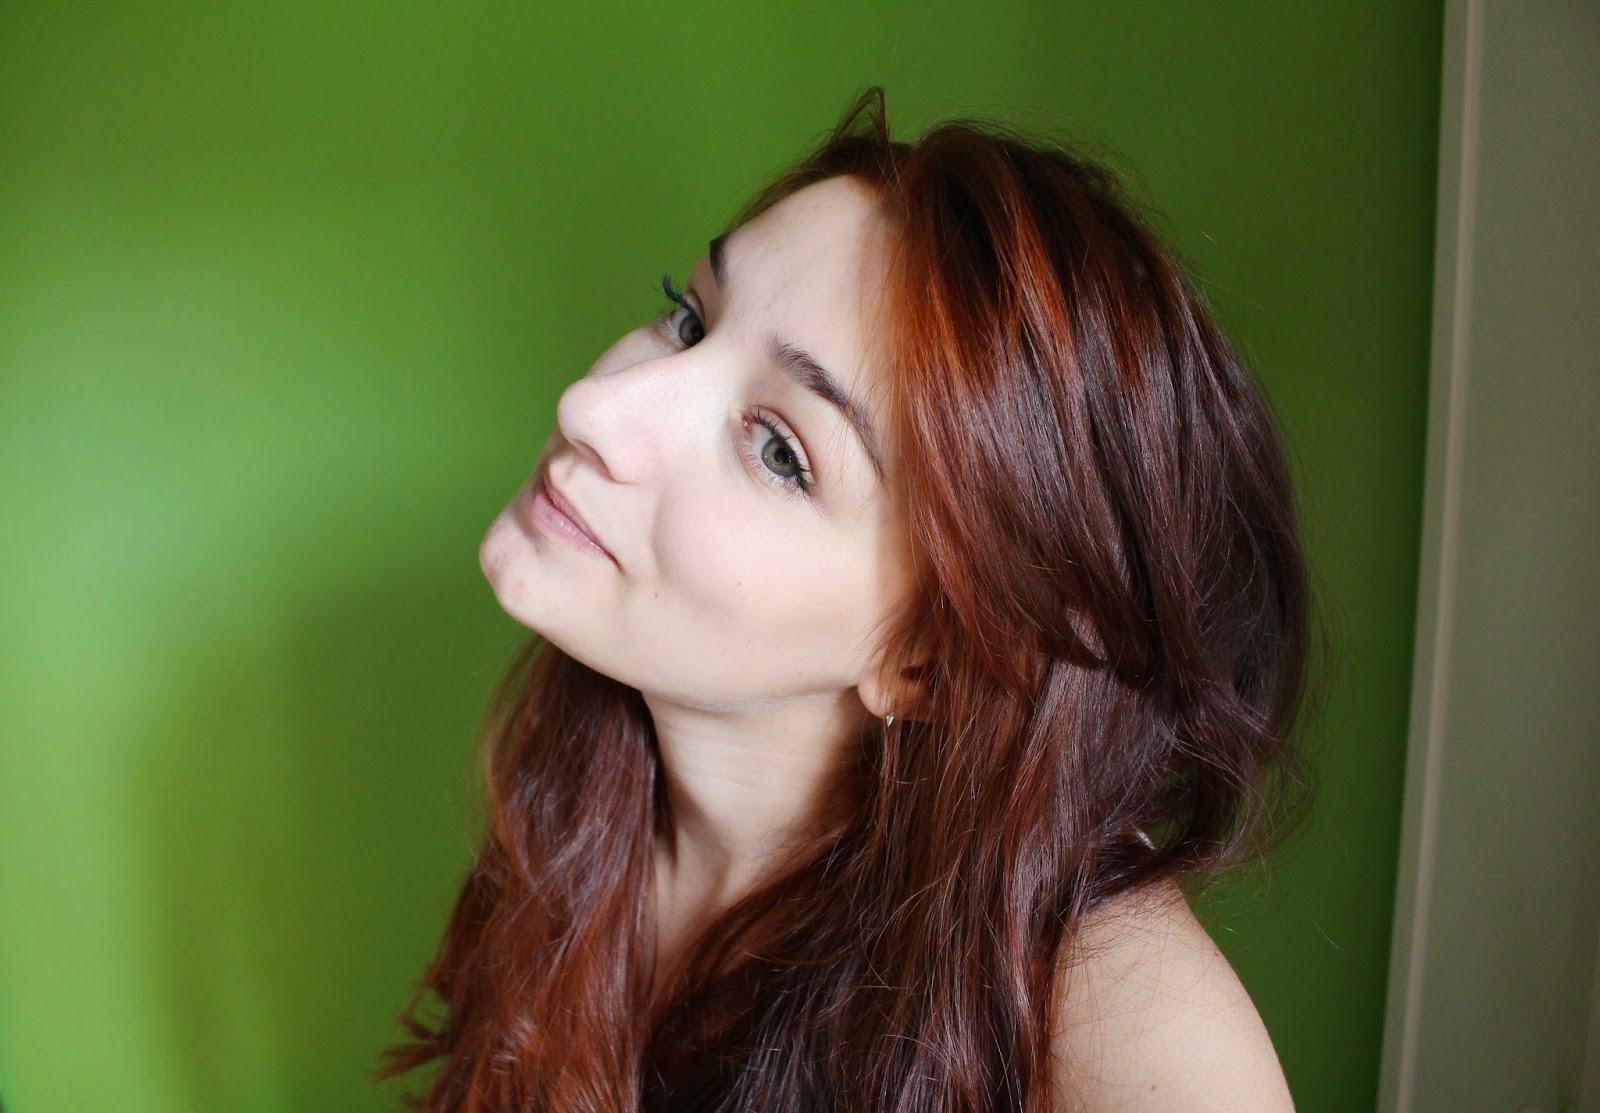 Bien-aimé Maugenated: Le jour où j'ai réussi à être rousse avec du henné! FD81